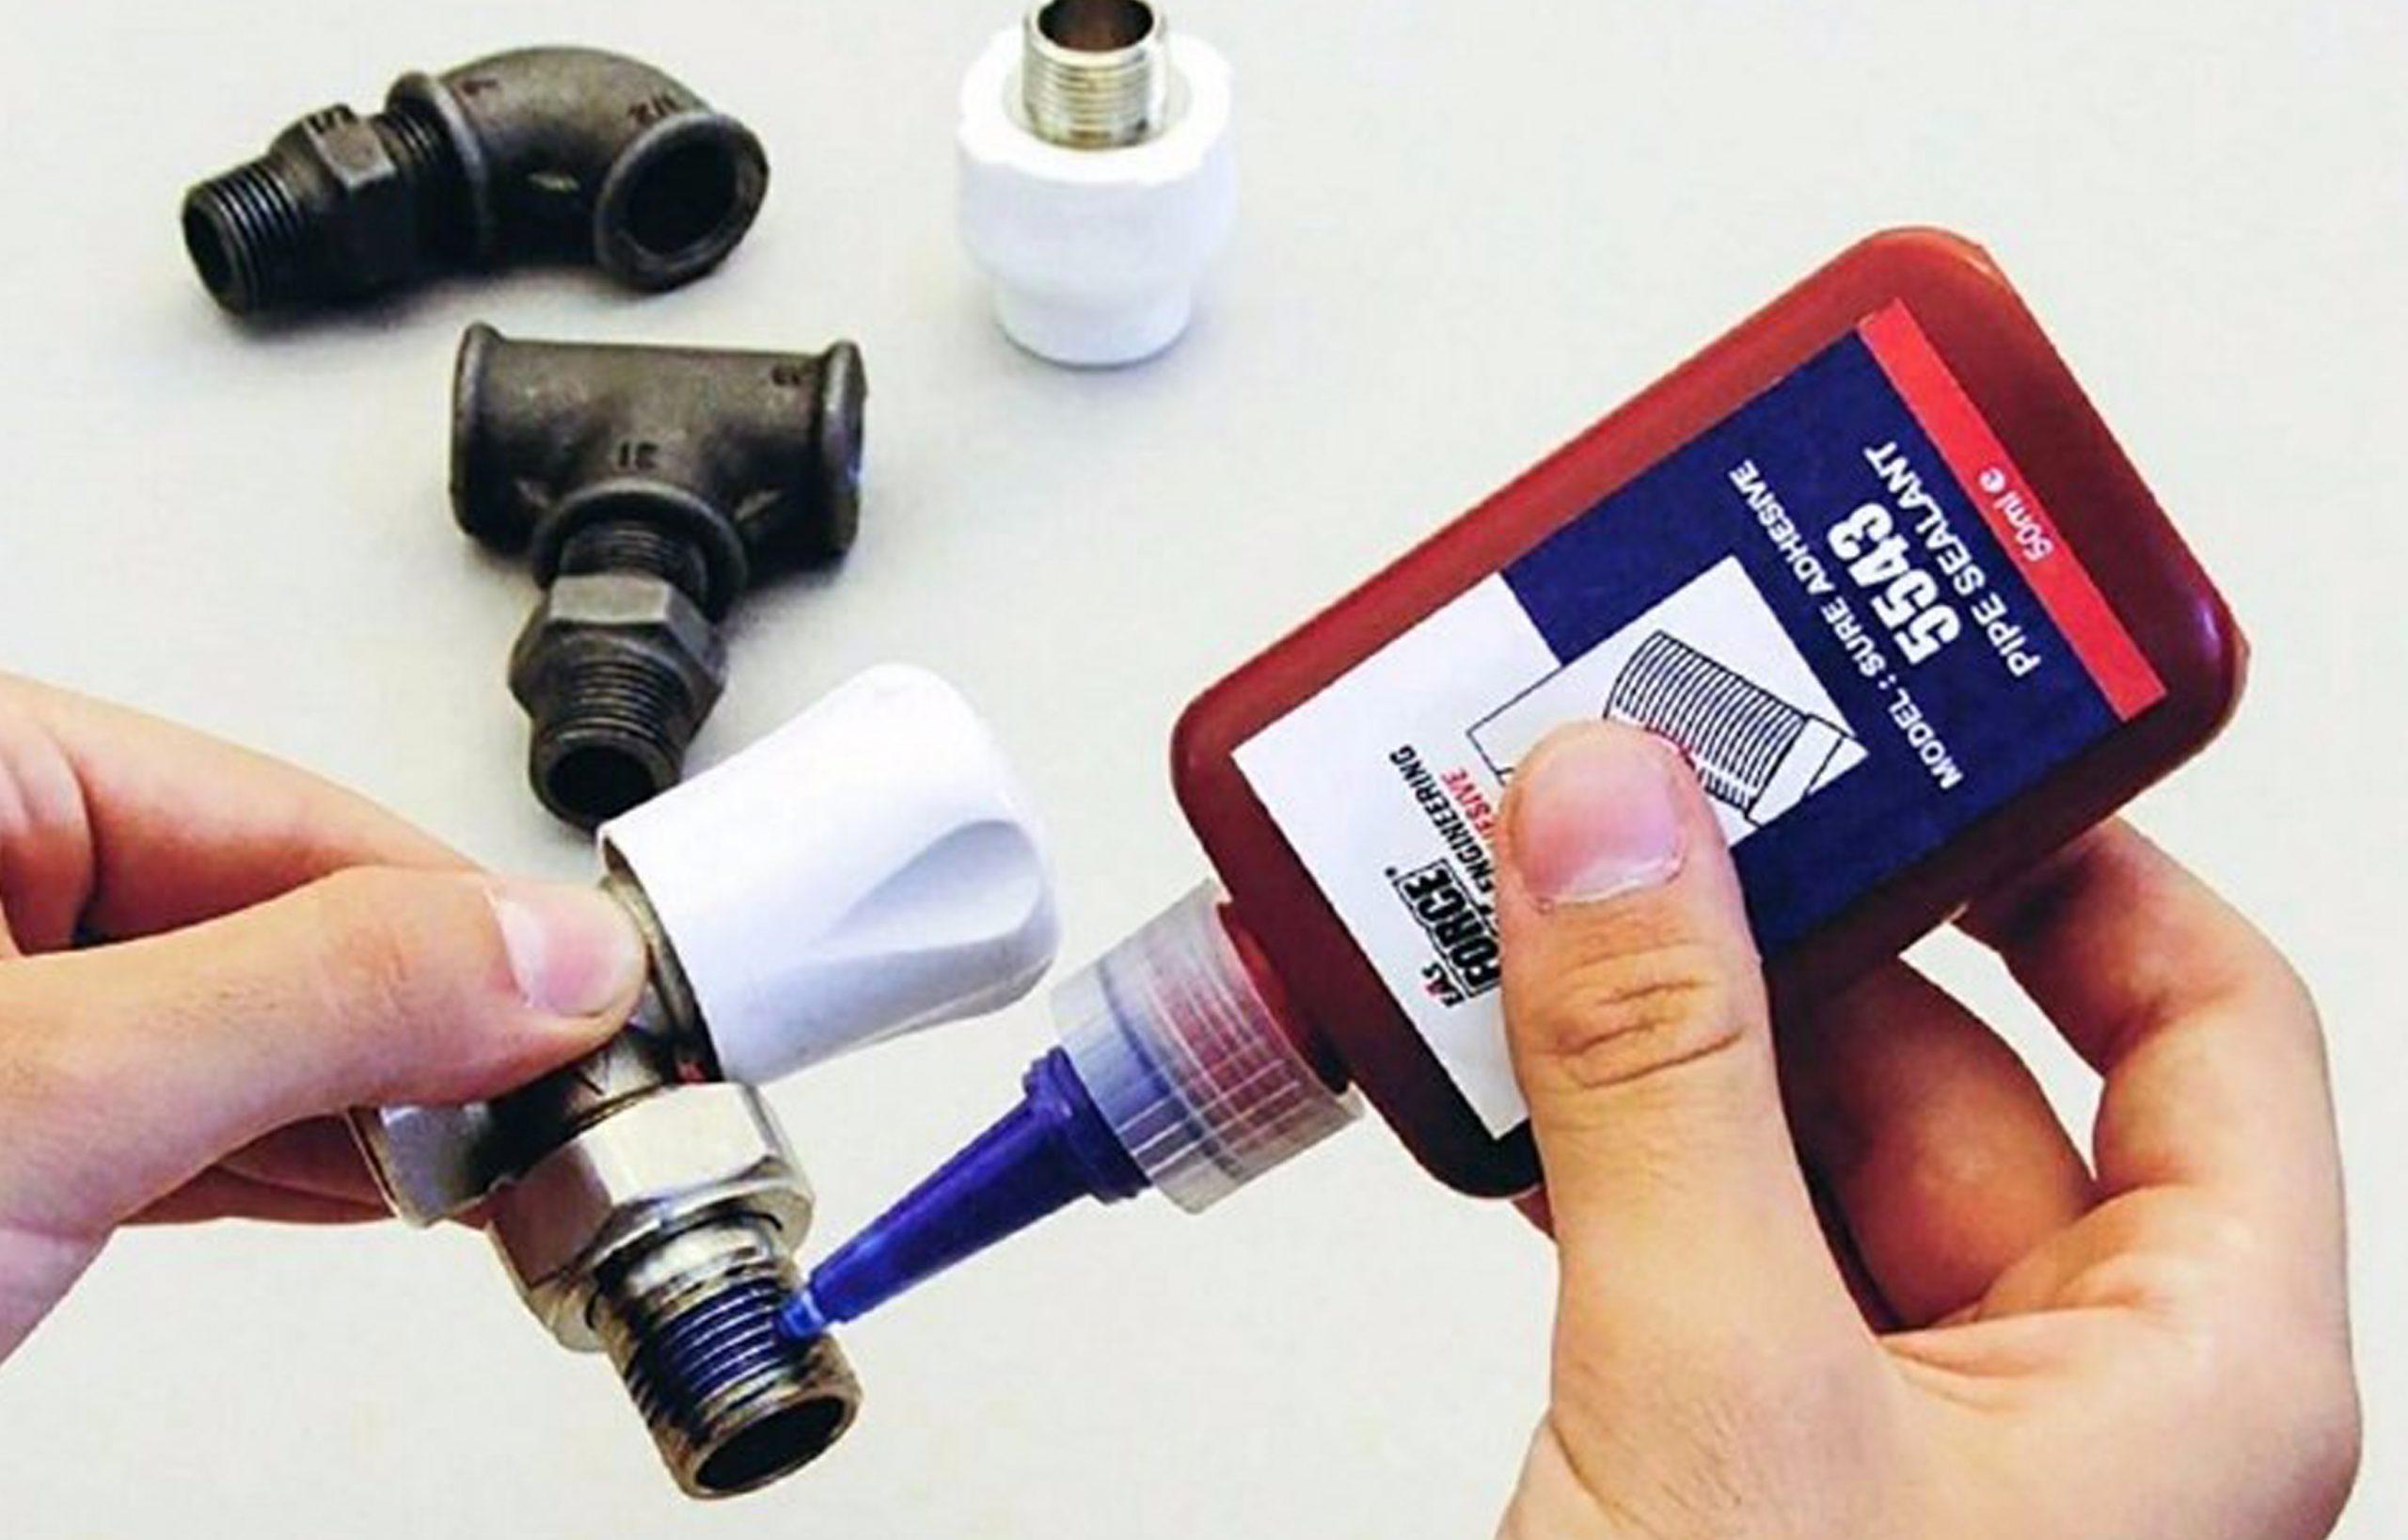 انتخاب شما برای آب بندی لوله و اتصالات چیست؟